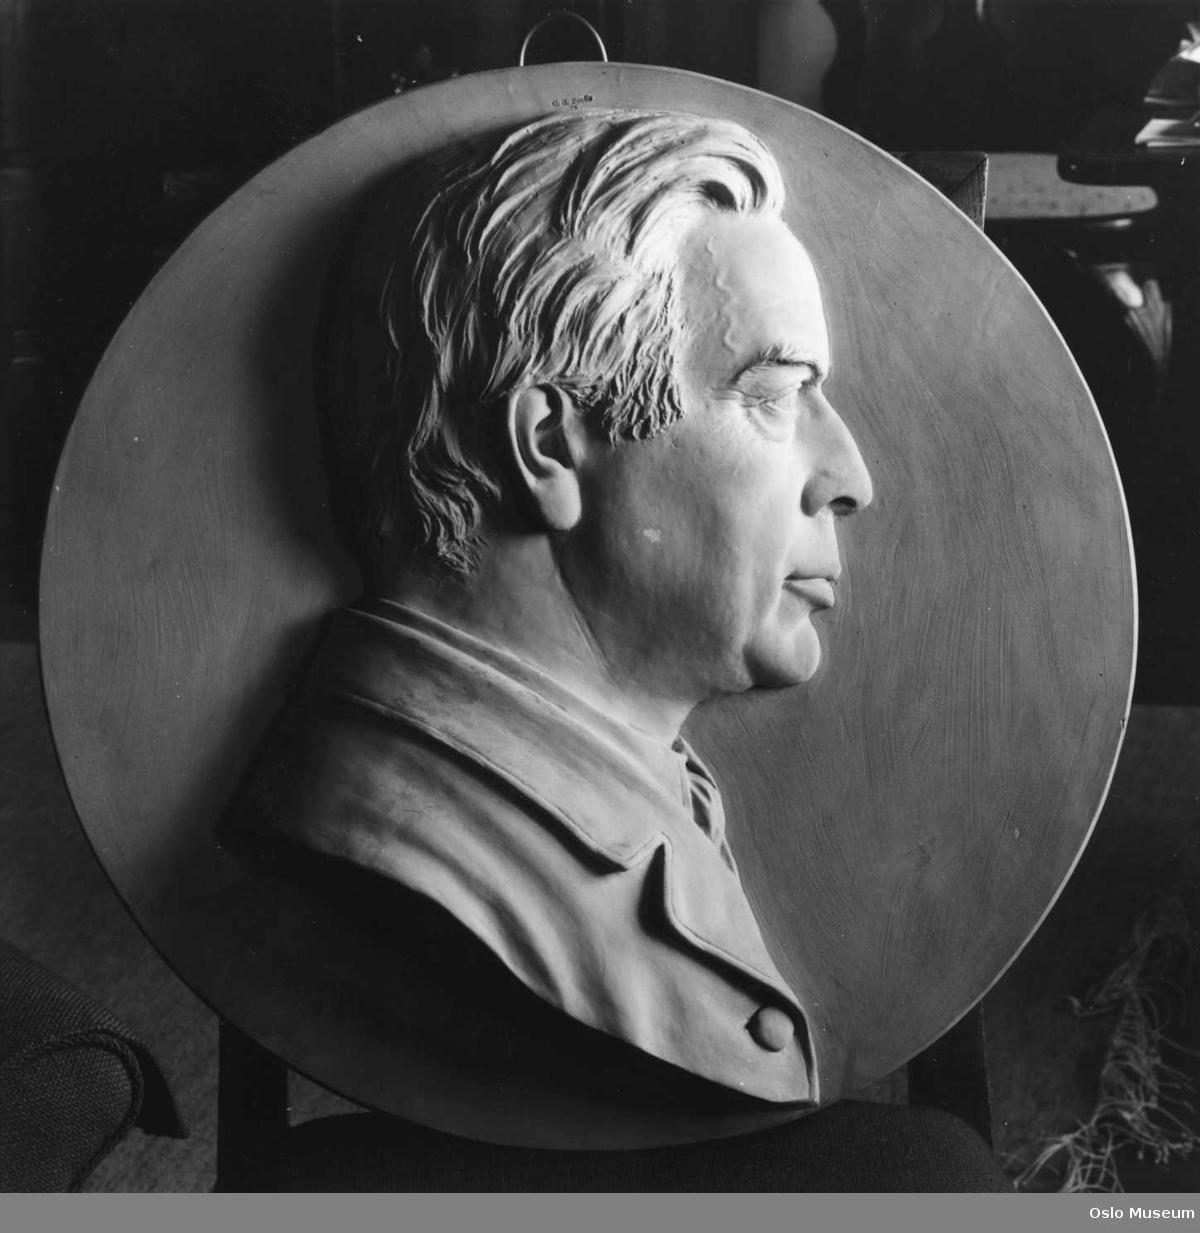 Bull, Georg Andreas (1829 - 1917)